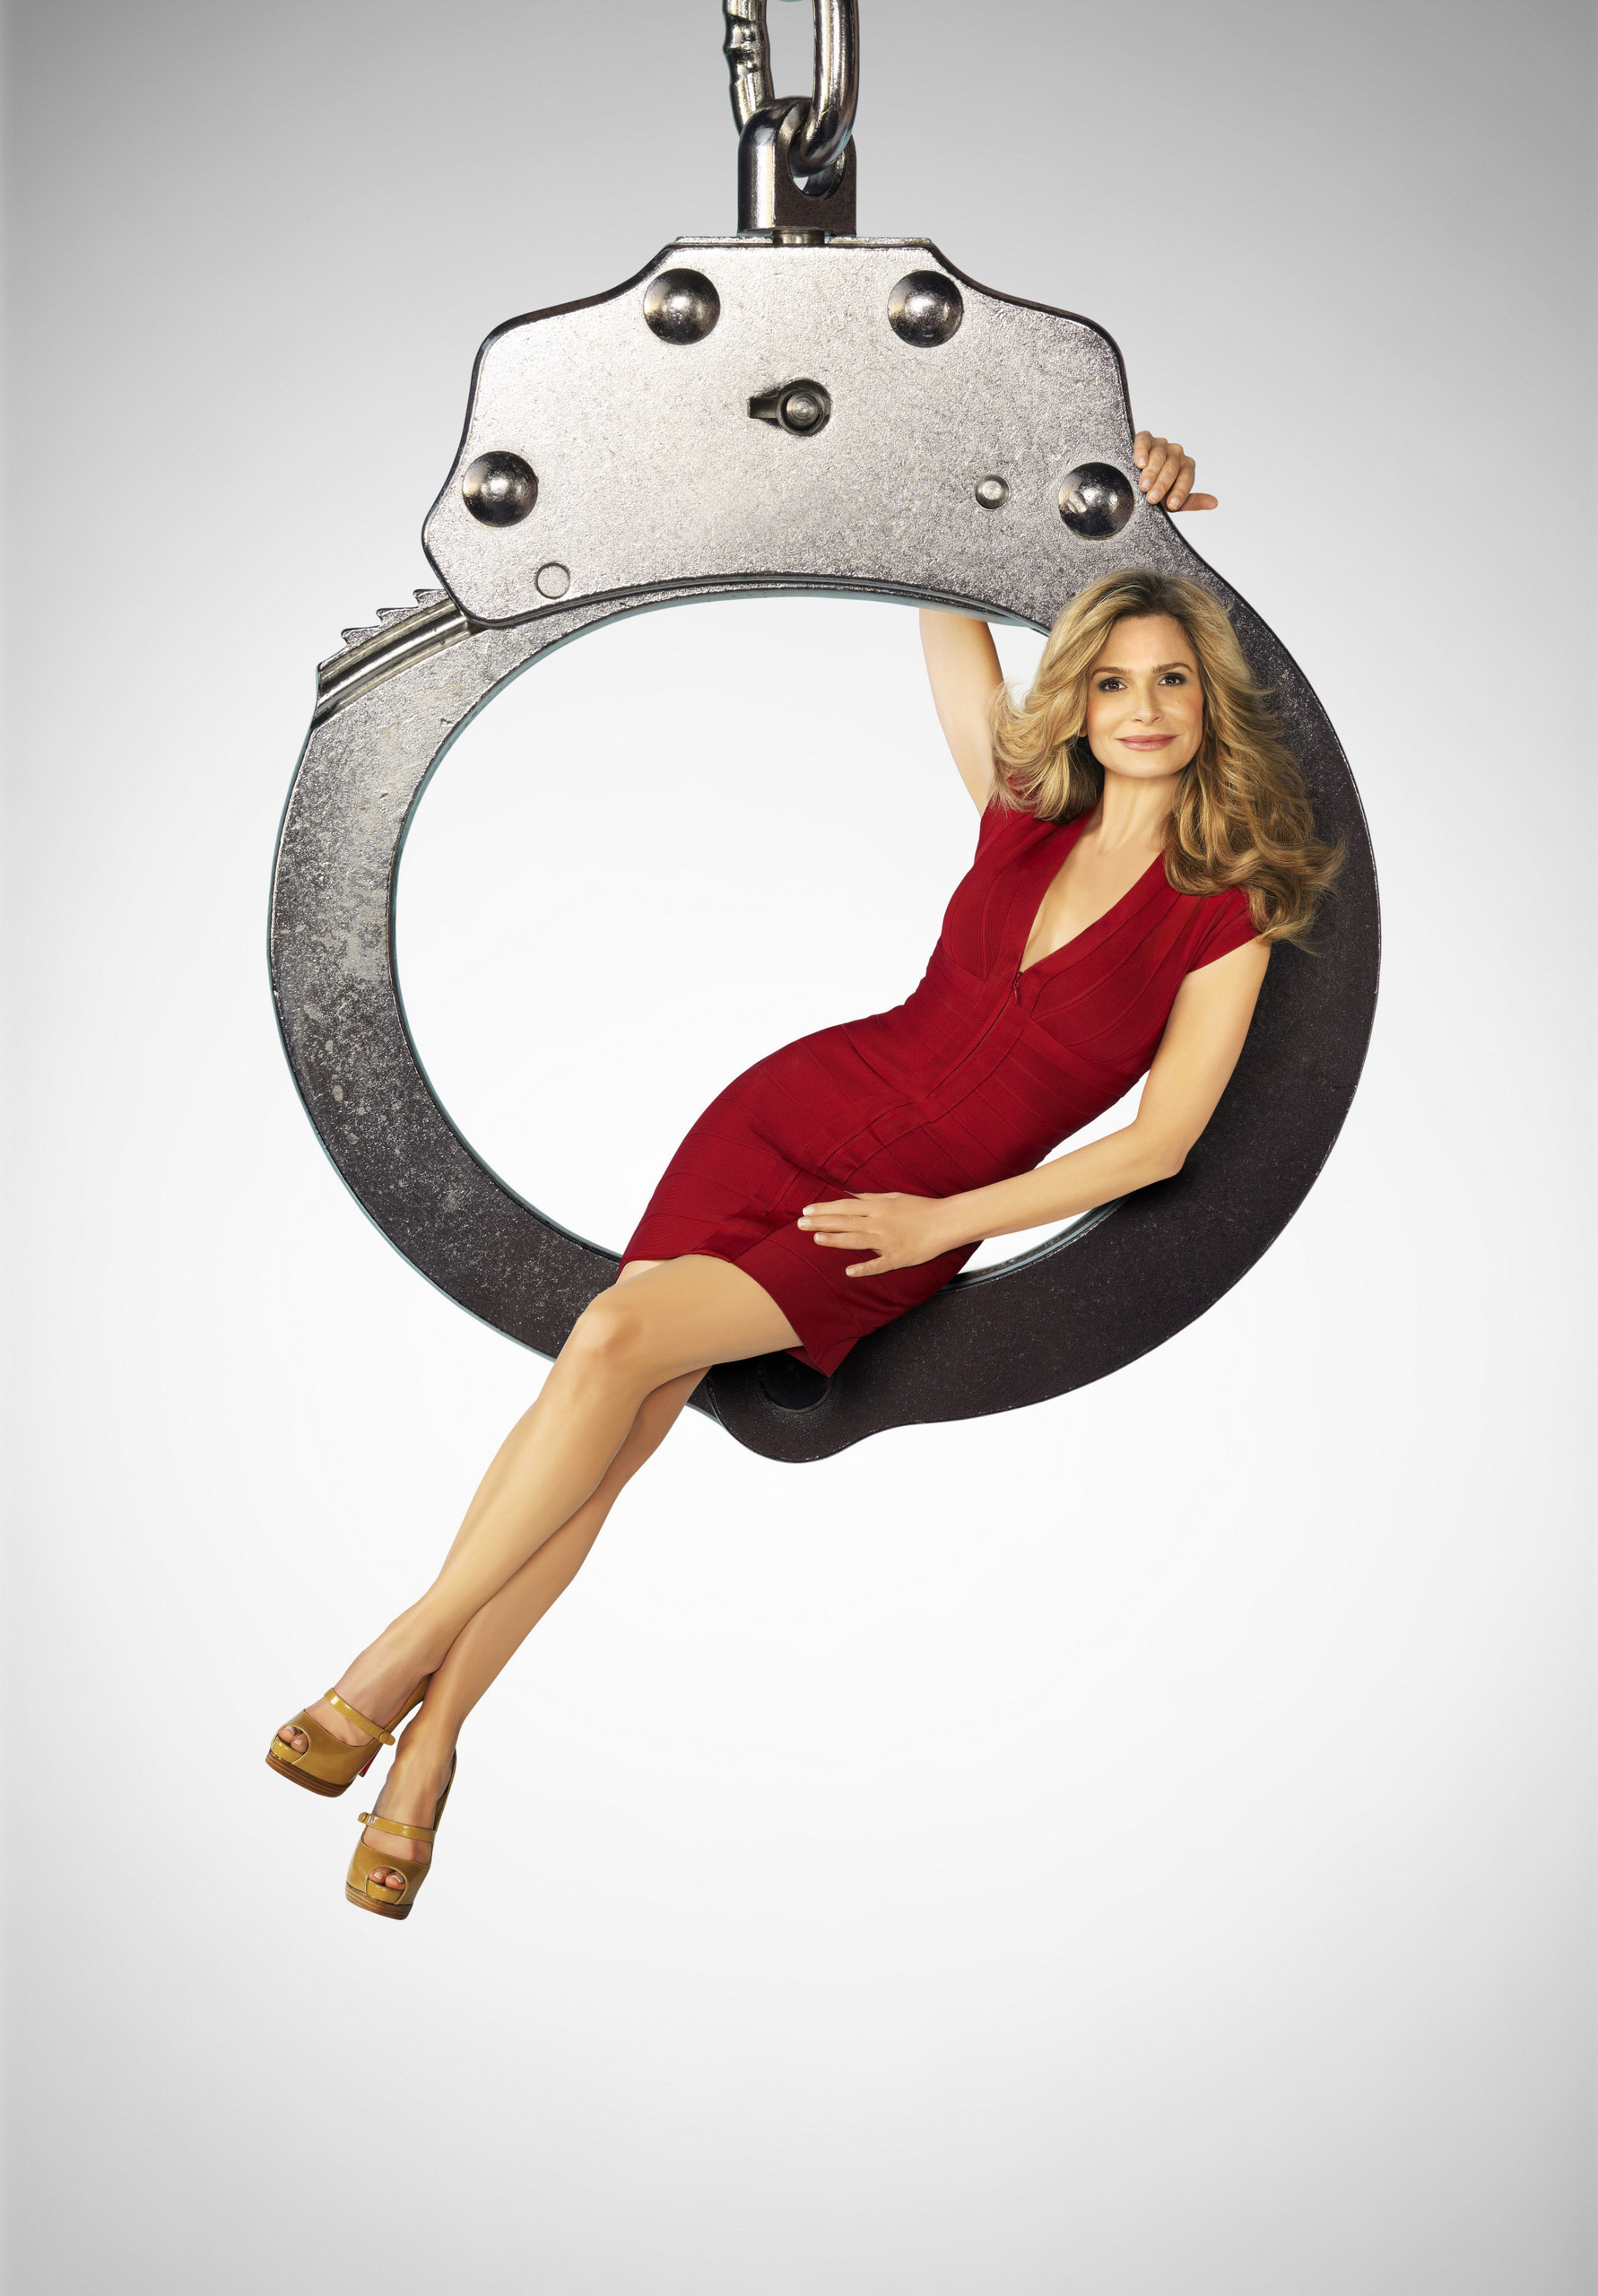 brenda handcuff1